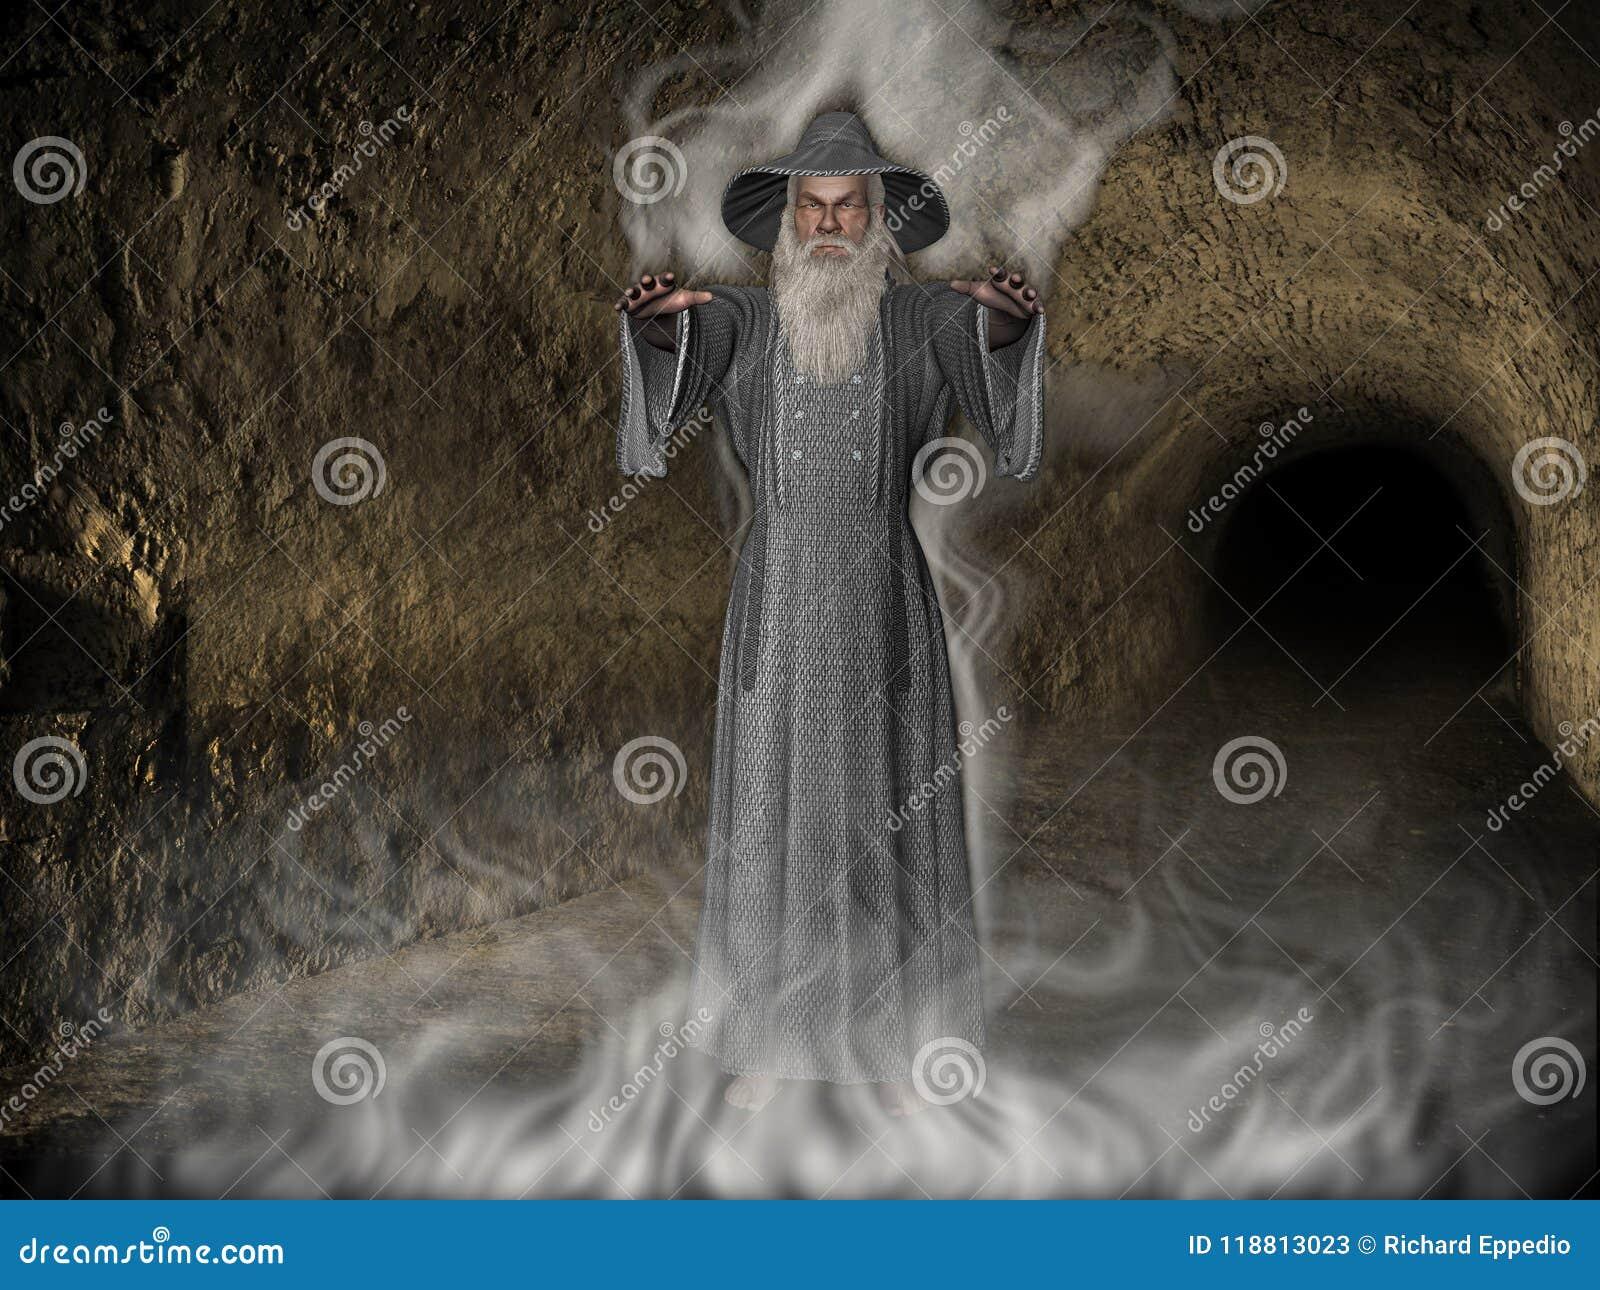 3D ilustracja Średniowieczny czarownik w jamie z mgłą